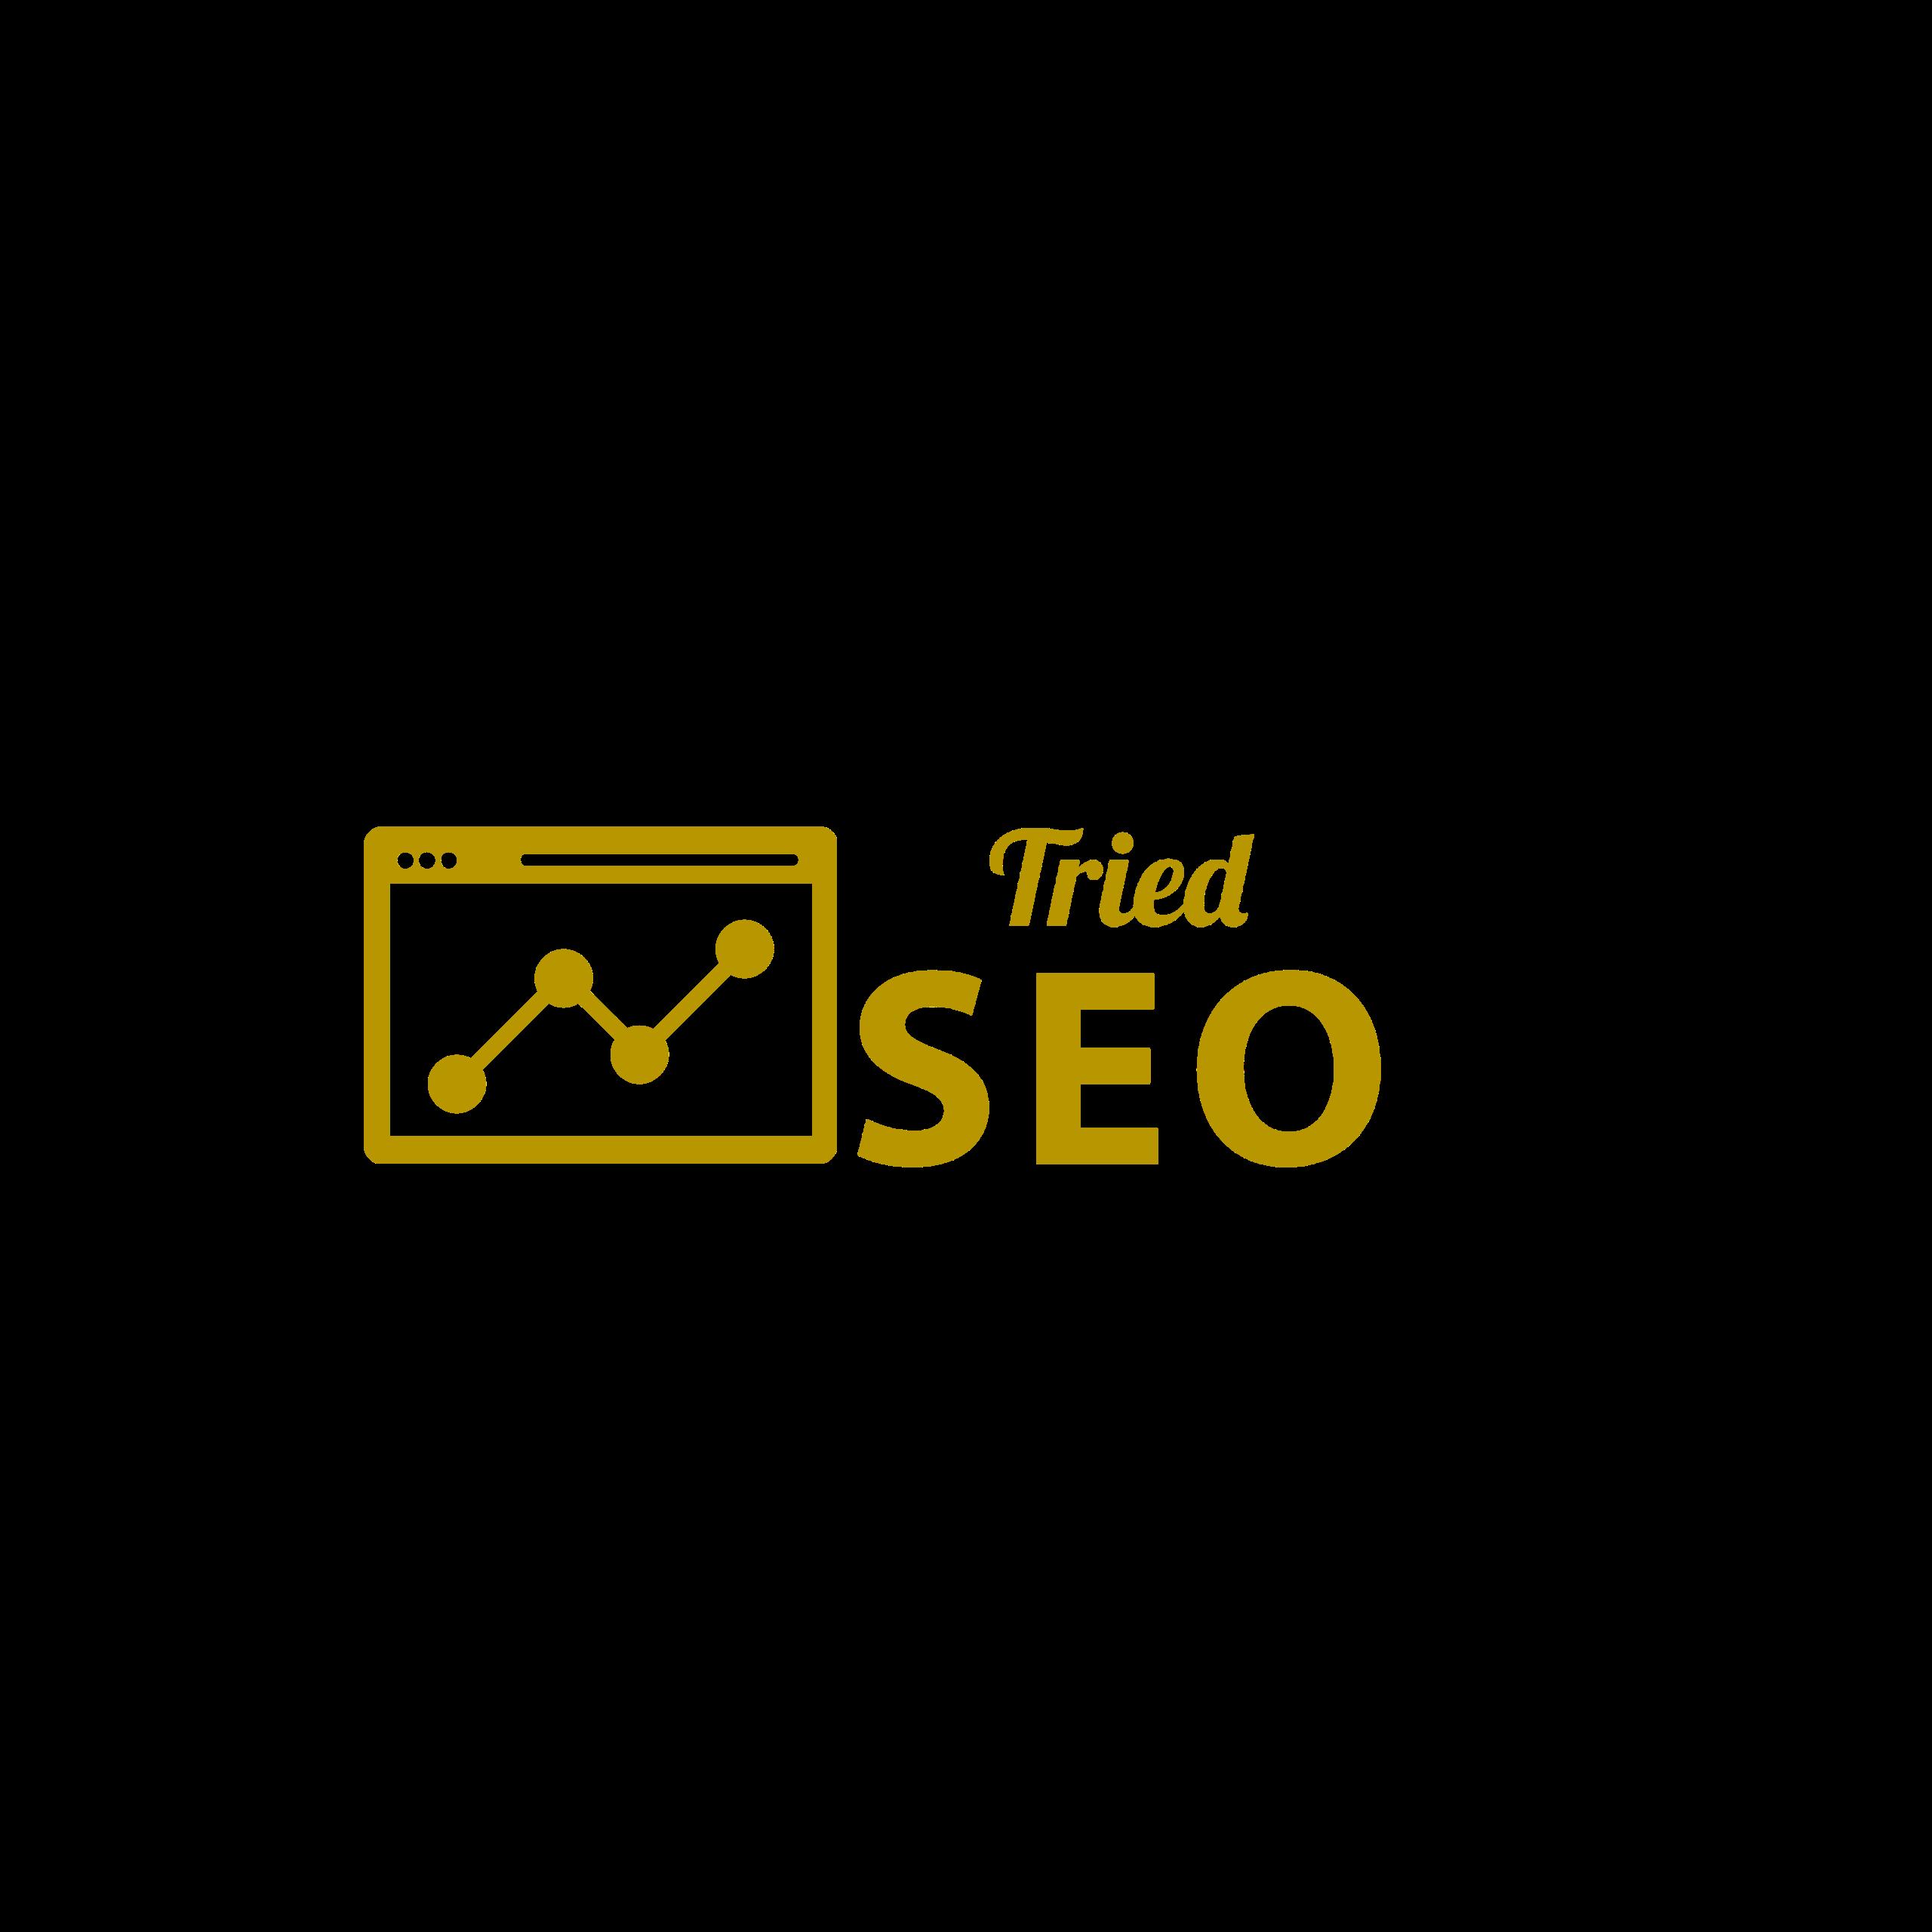 Tried SEO Logo